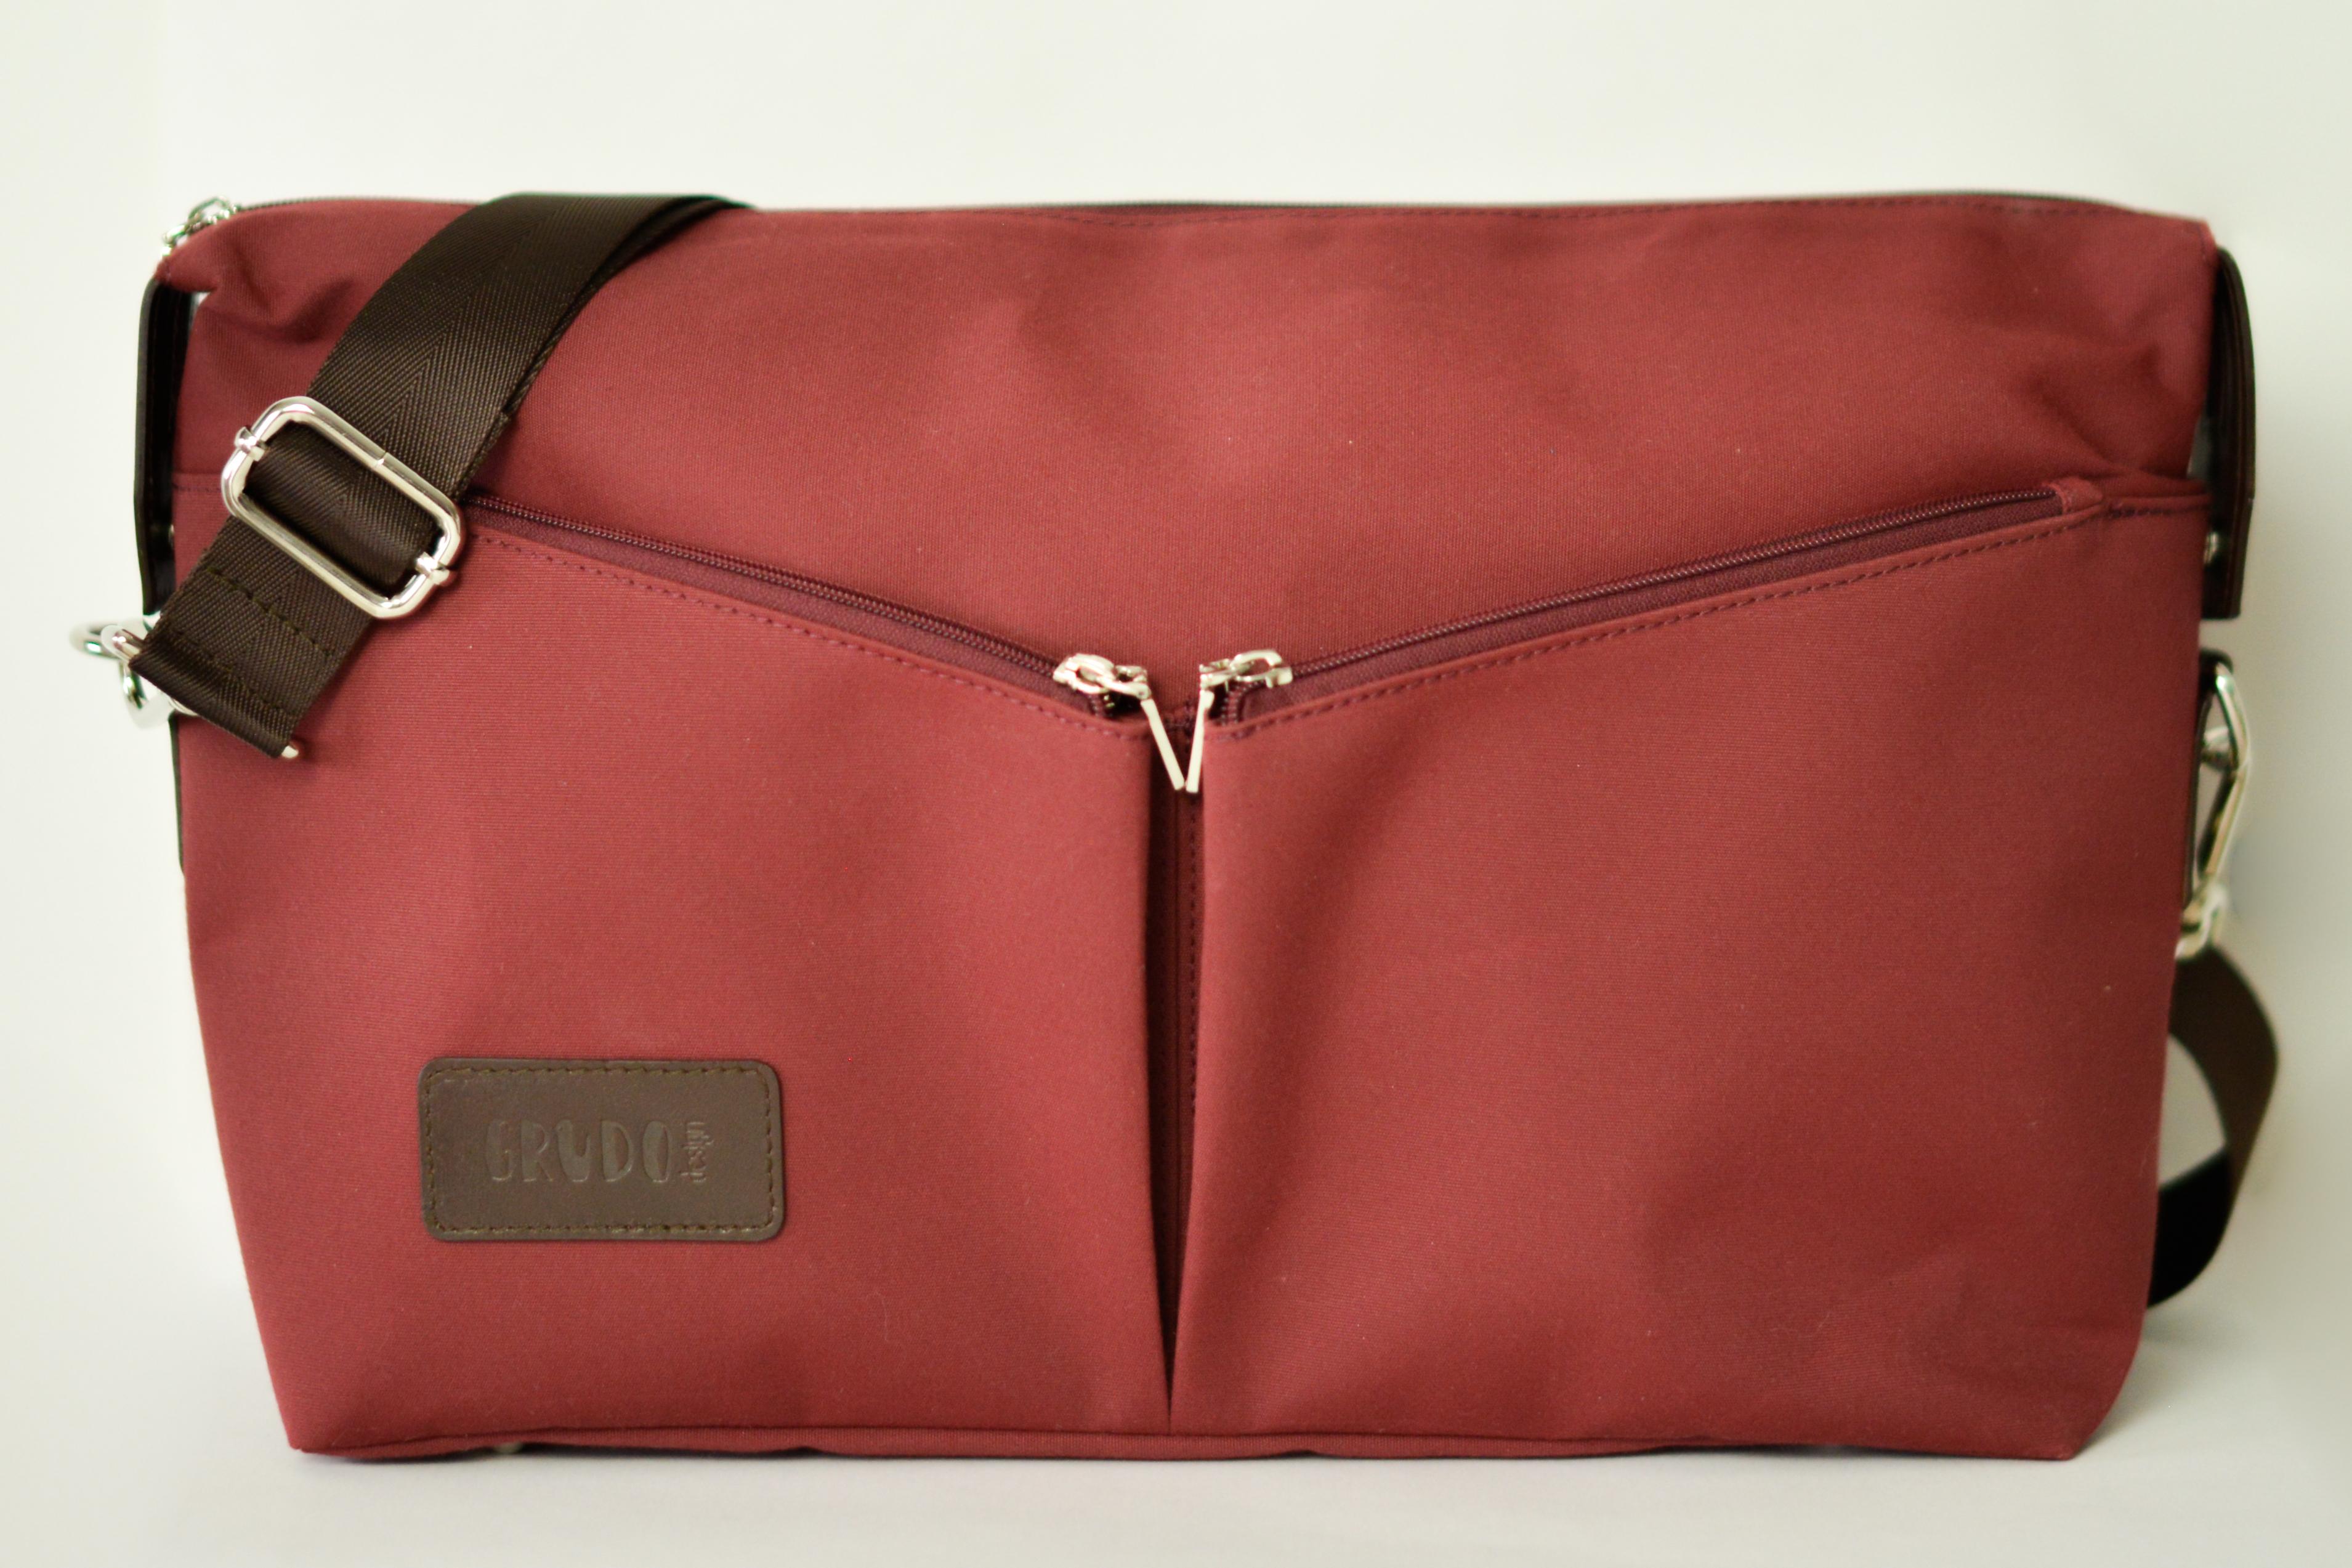 5ed42b7d2661 A Grudo design mini pelenkázó táskája olyan, mint egy csodaszép kézi táska.  Első ránézésre, könnyen azt hiheti egy kívülálló, hogy színházba indulunk  vele, ...